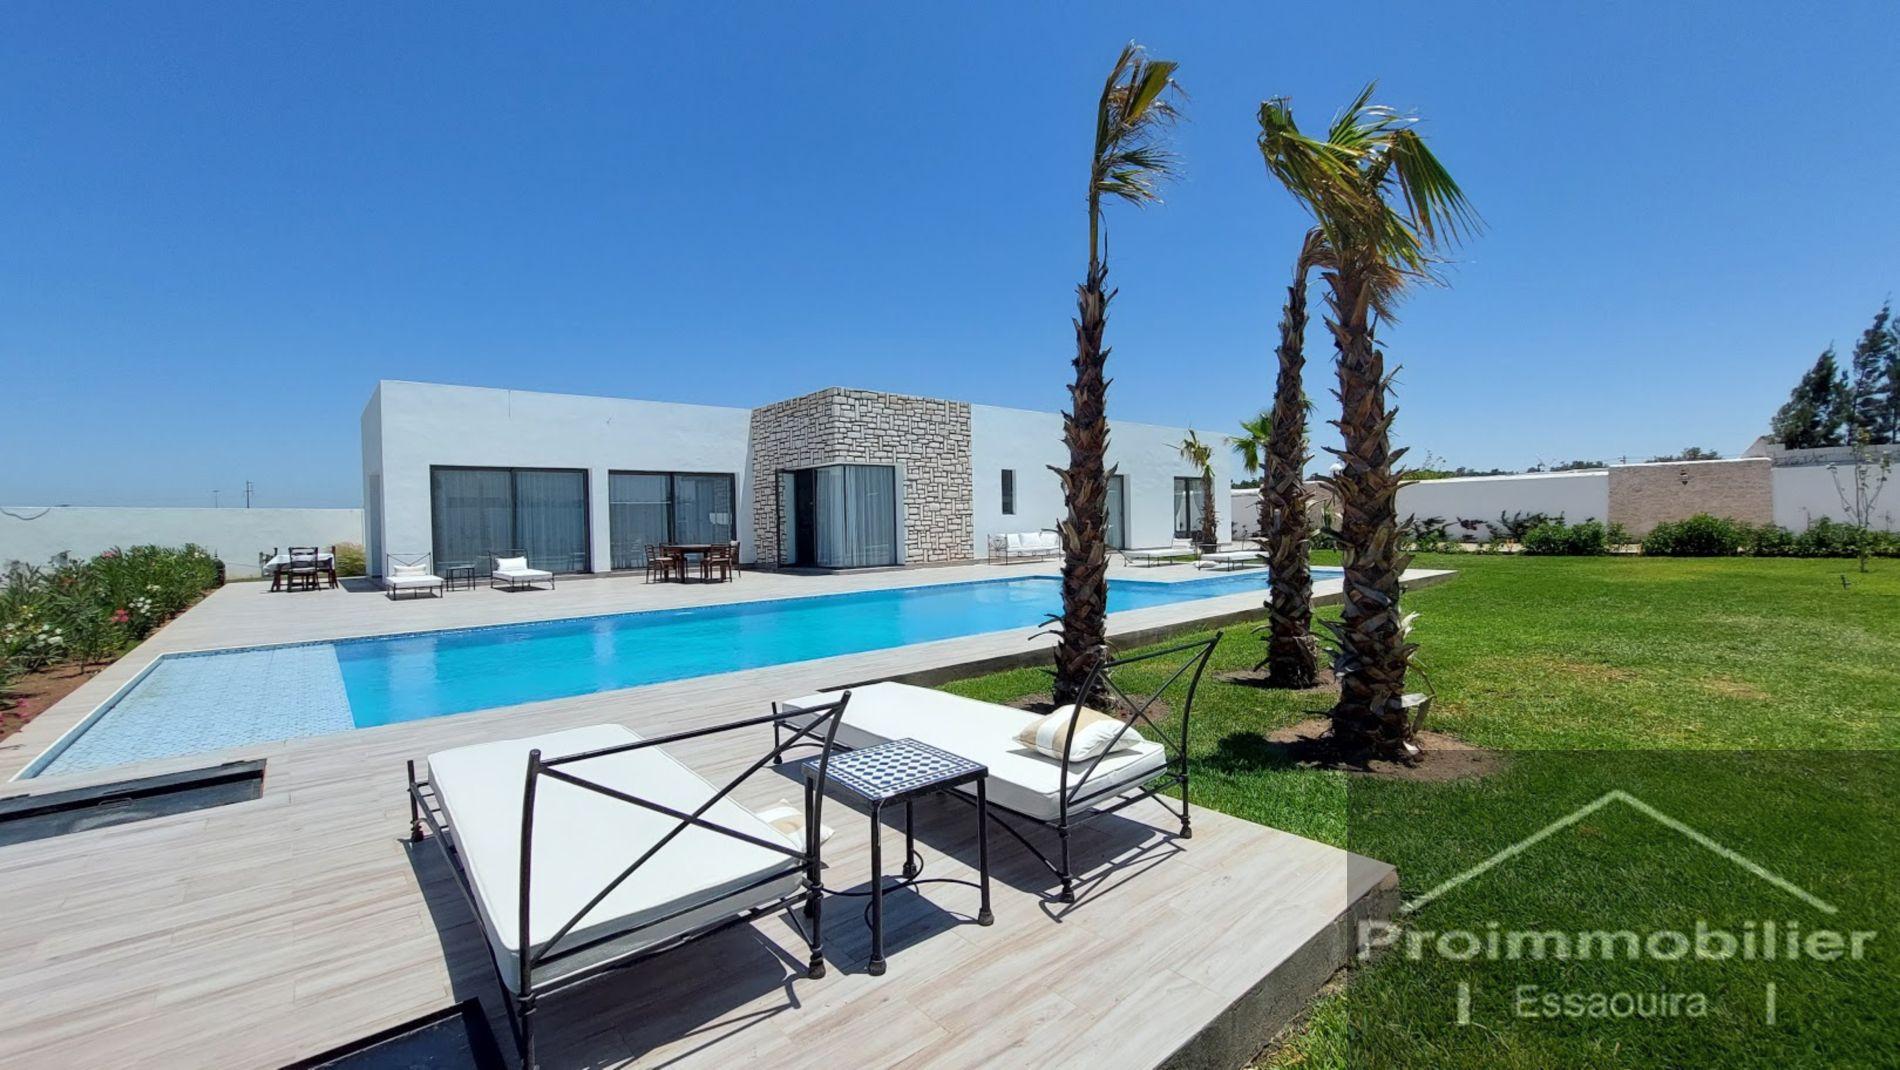 21-06-02-VV Niesamowity dom o powierzchni 300 m² , działka 2200m²